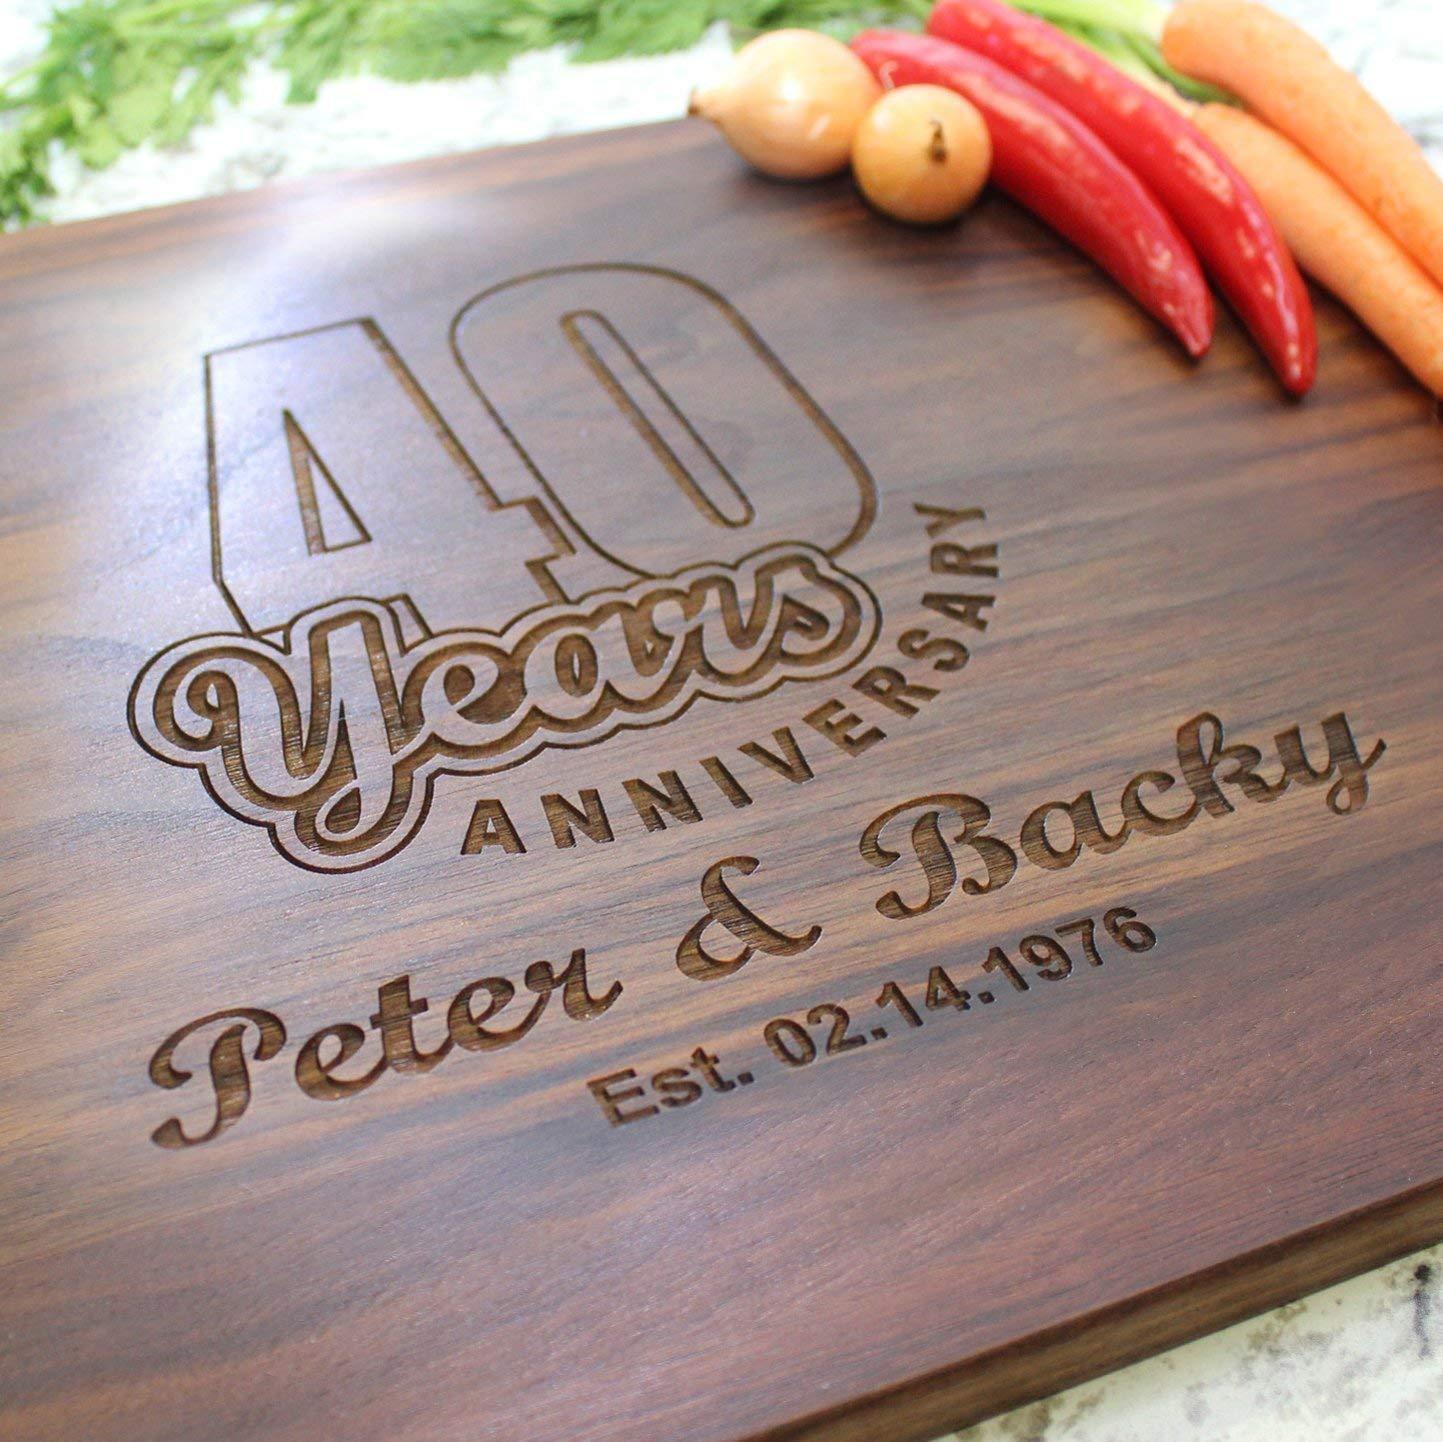 Wedding Anniversary Personalized Cutting Board - Engraved Cutting Board, Custom Cutting Board, Wedding Gift, Housewarming Gift, Anniversary Gift, Engagement W-023GB